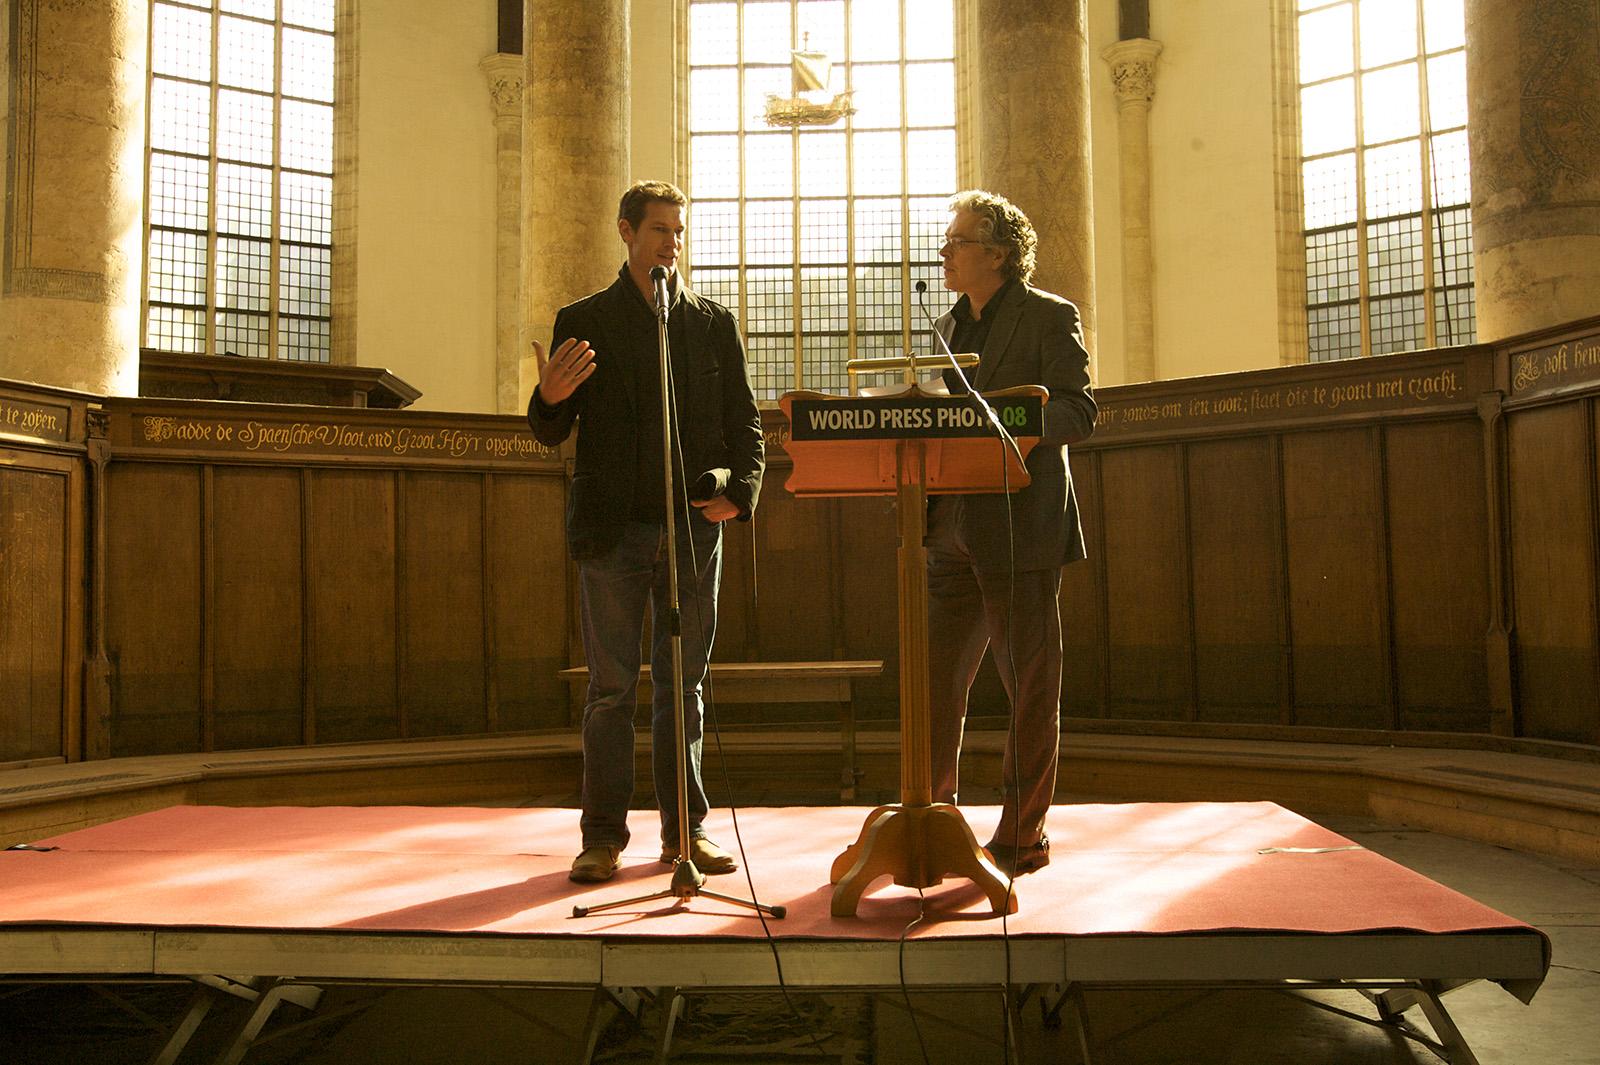 foto van Tim Hetherington aan het woord in de Oude Kerk in Amsterdam